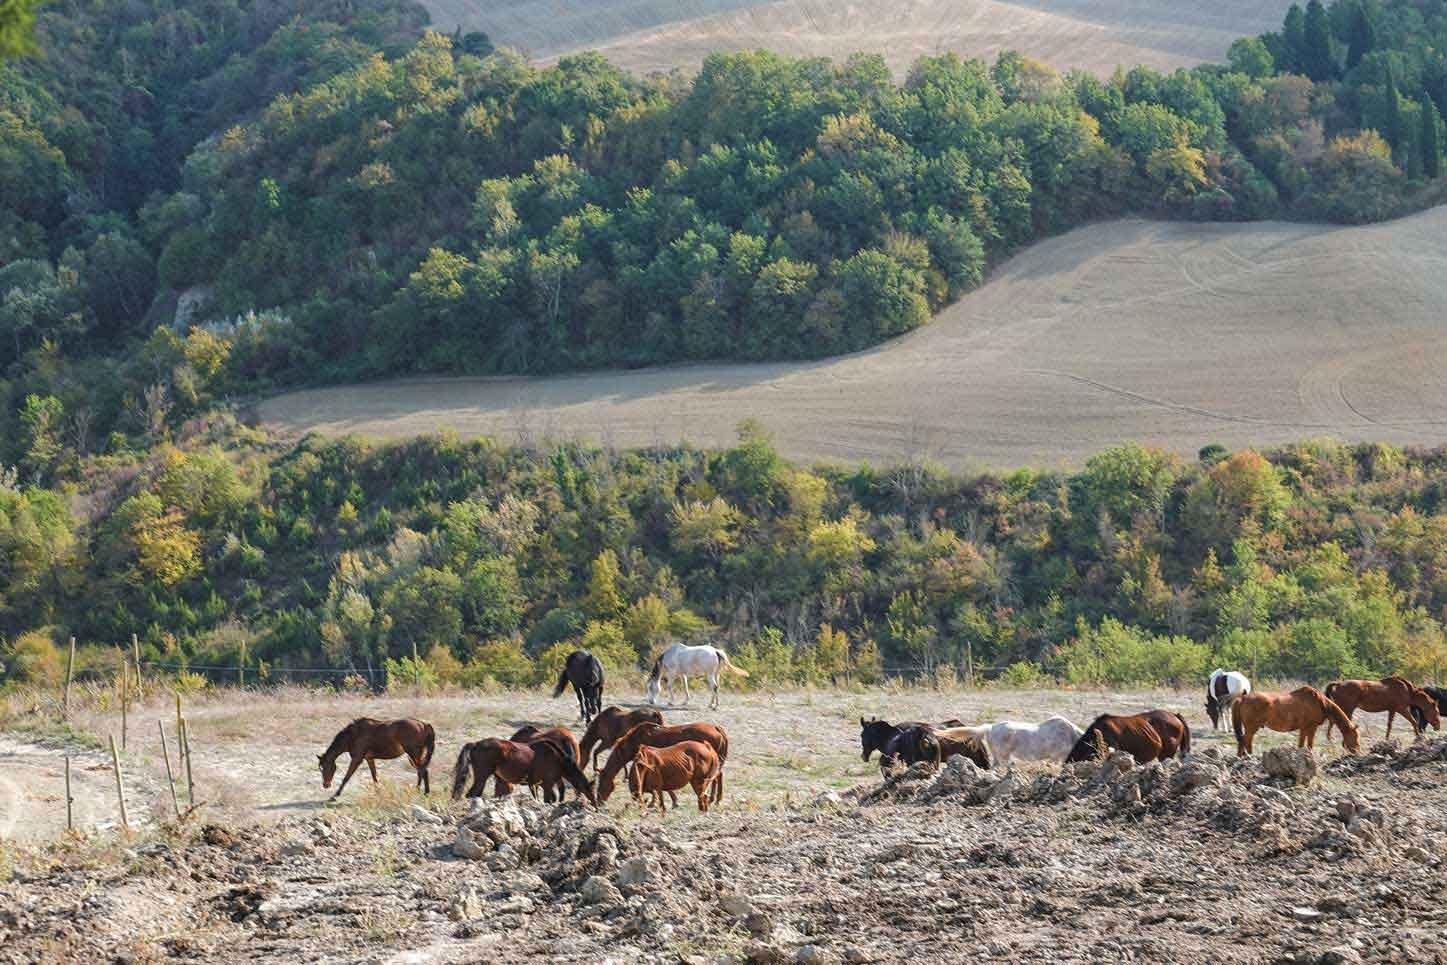 優雅に広い草原に放たれた馬達